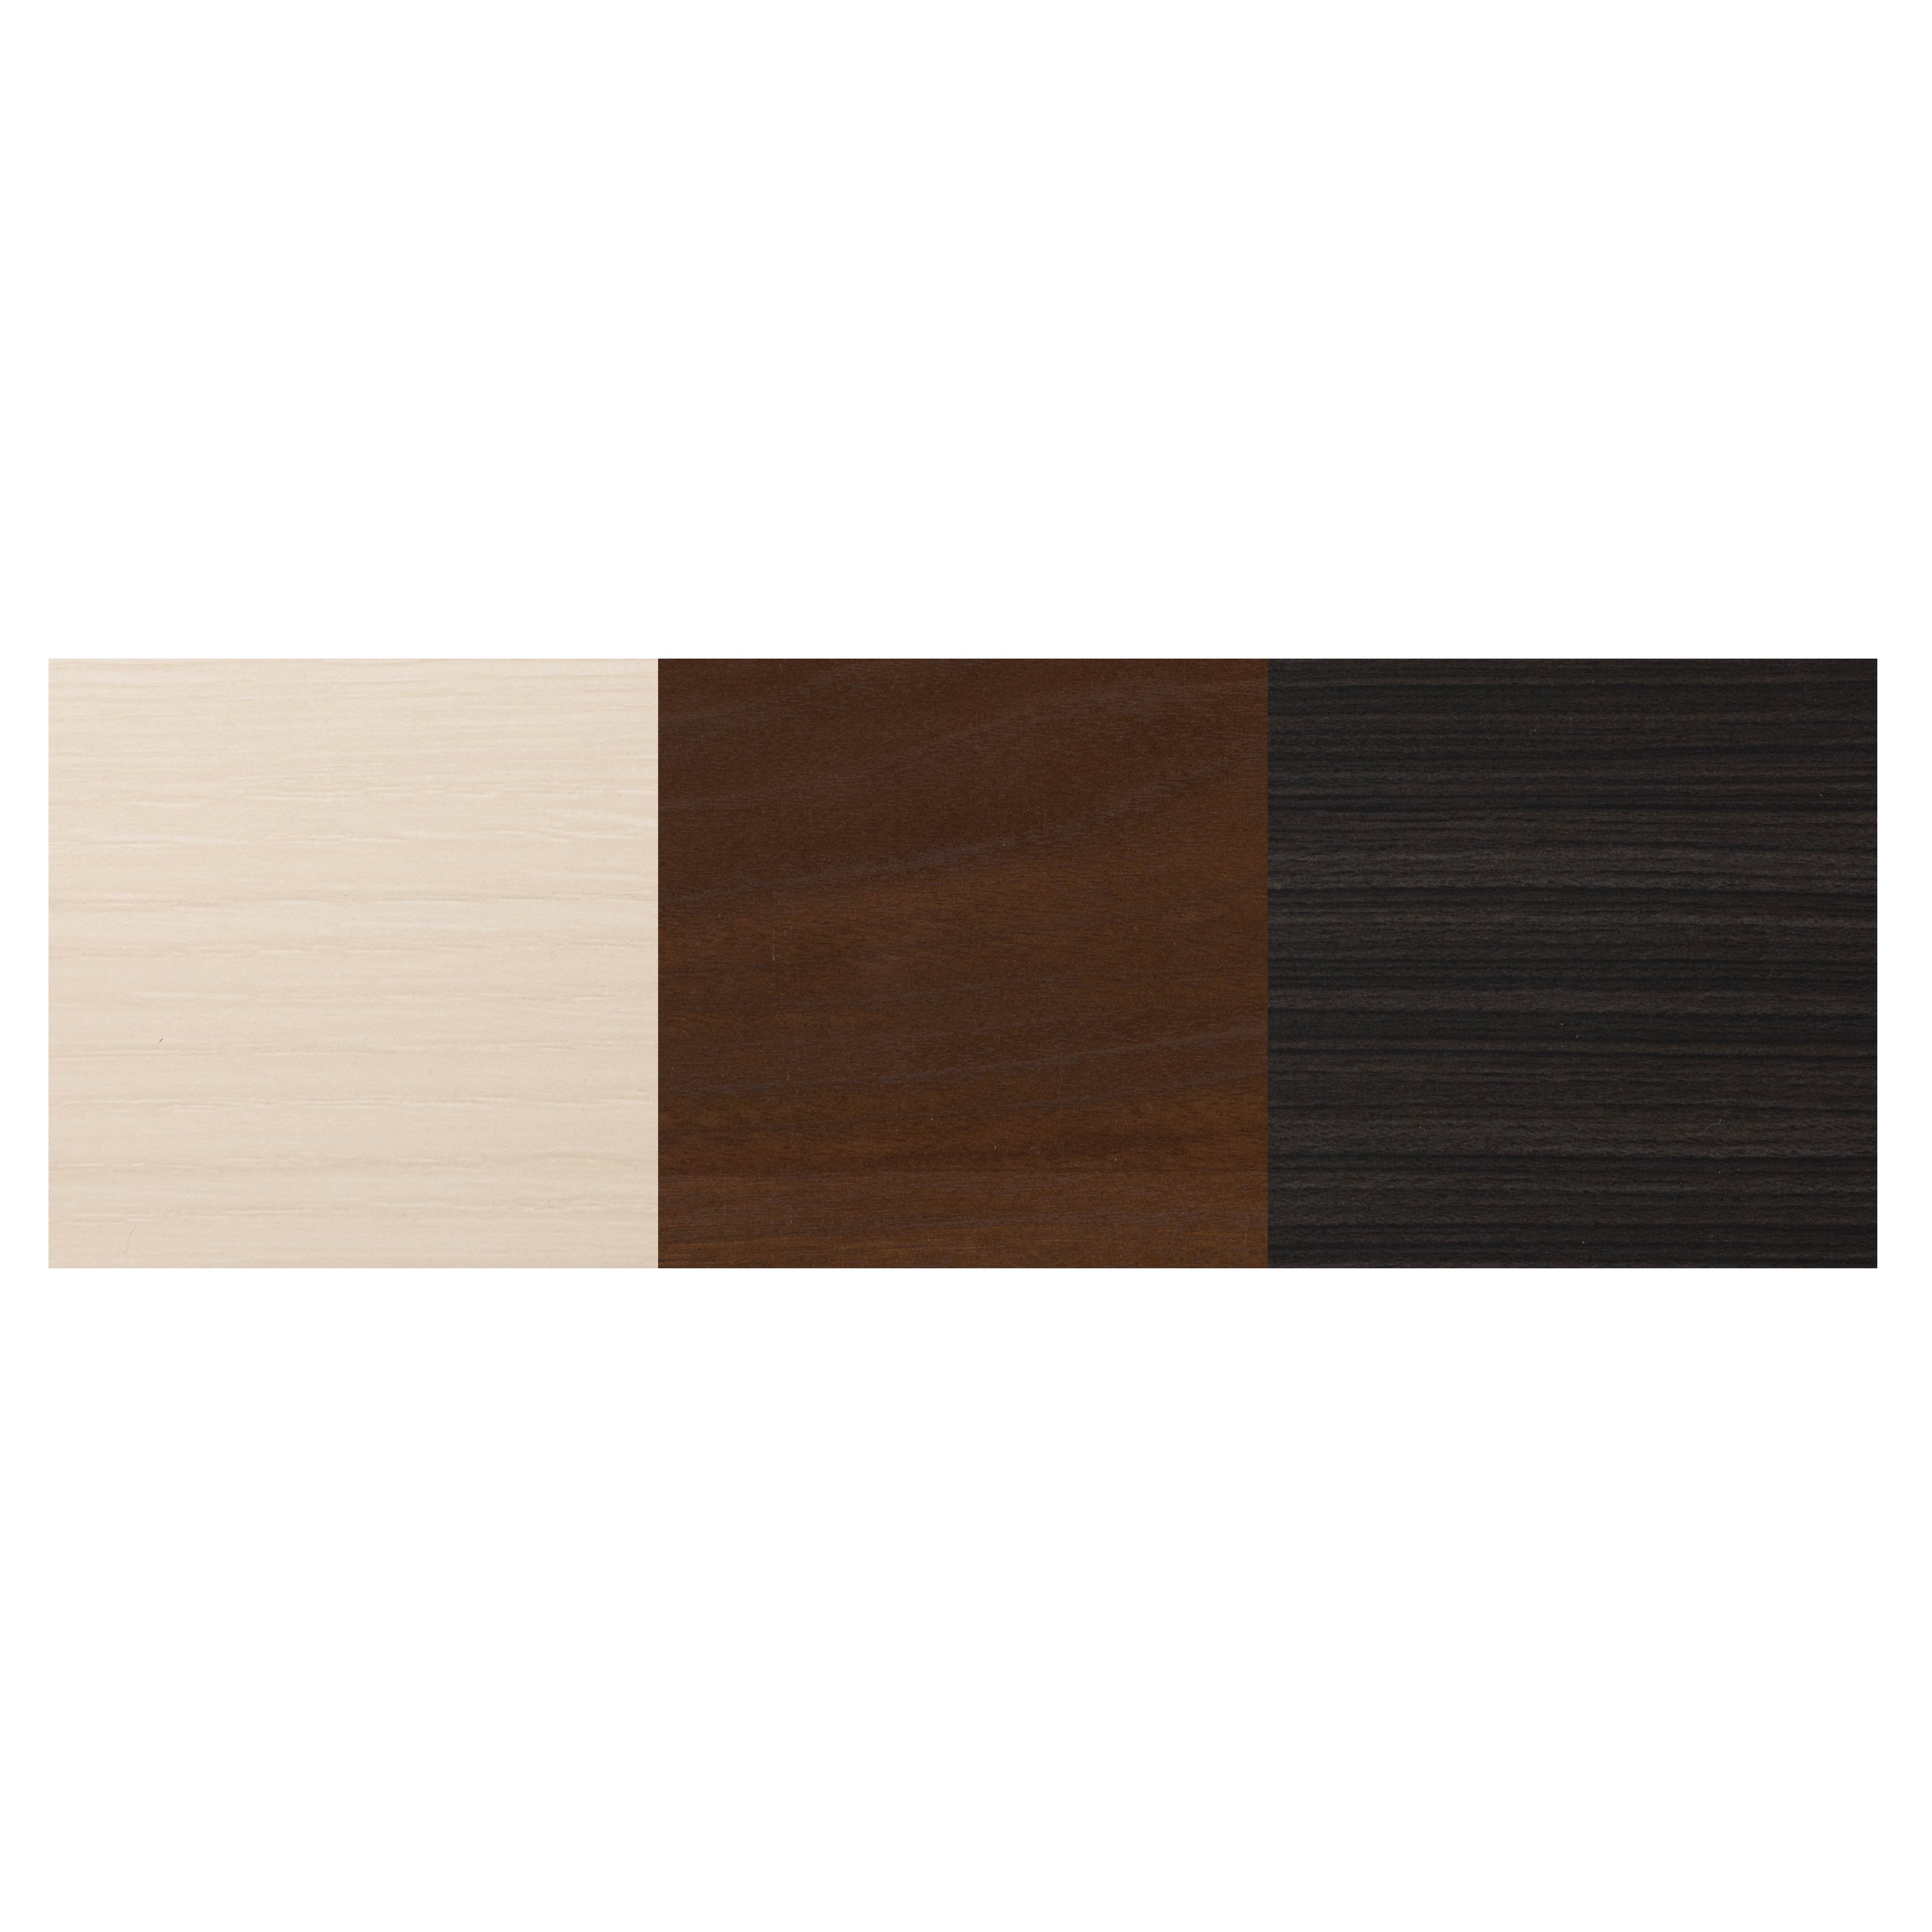 シングルフレーム コスモプラス�U ブラック:インテリアに合わせたカラーを選べます。